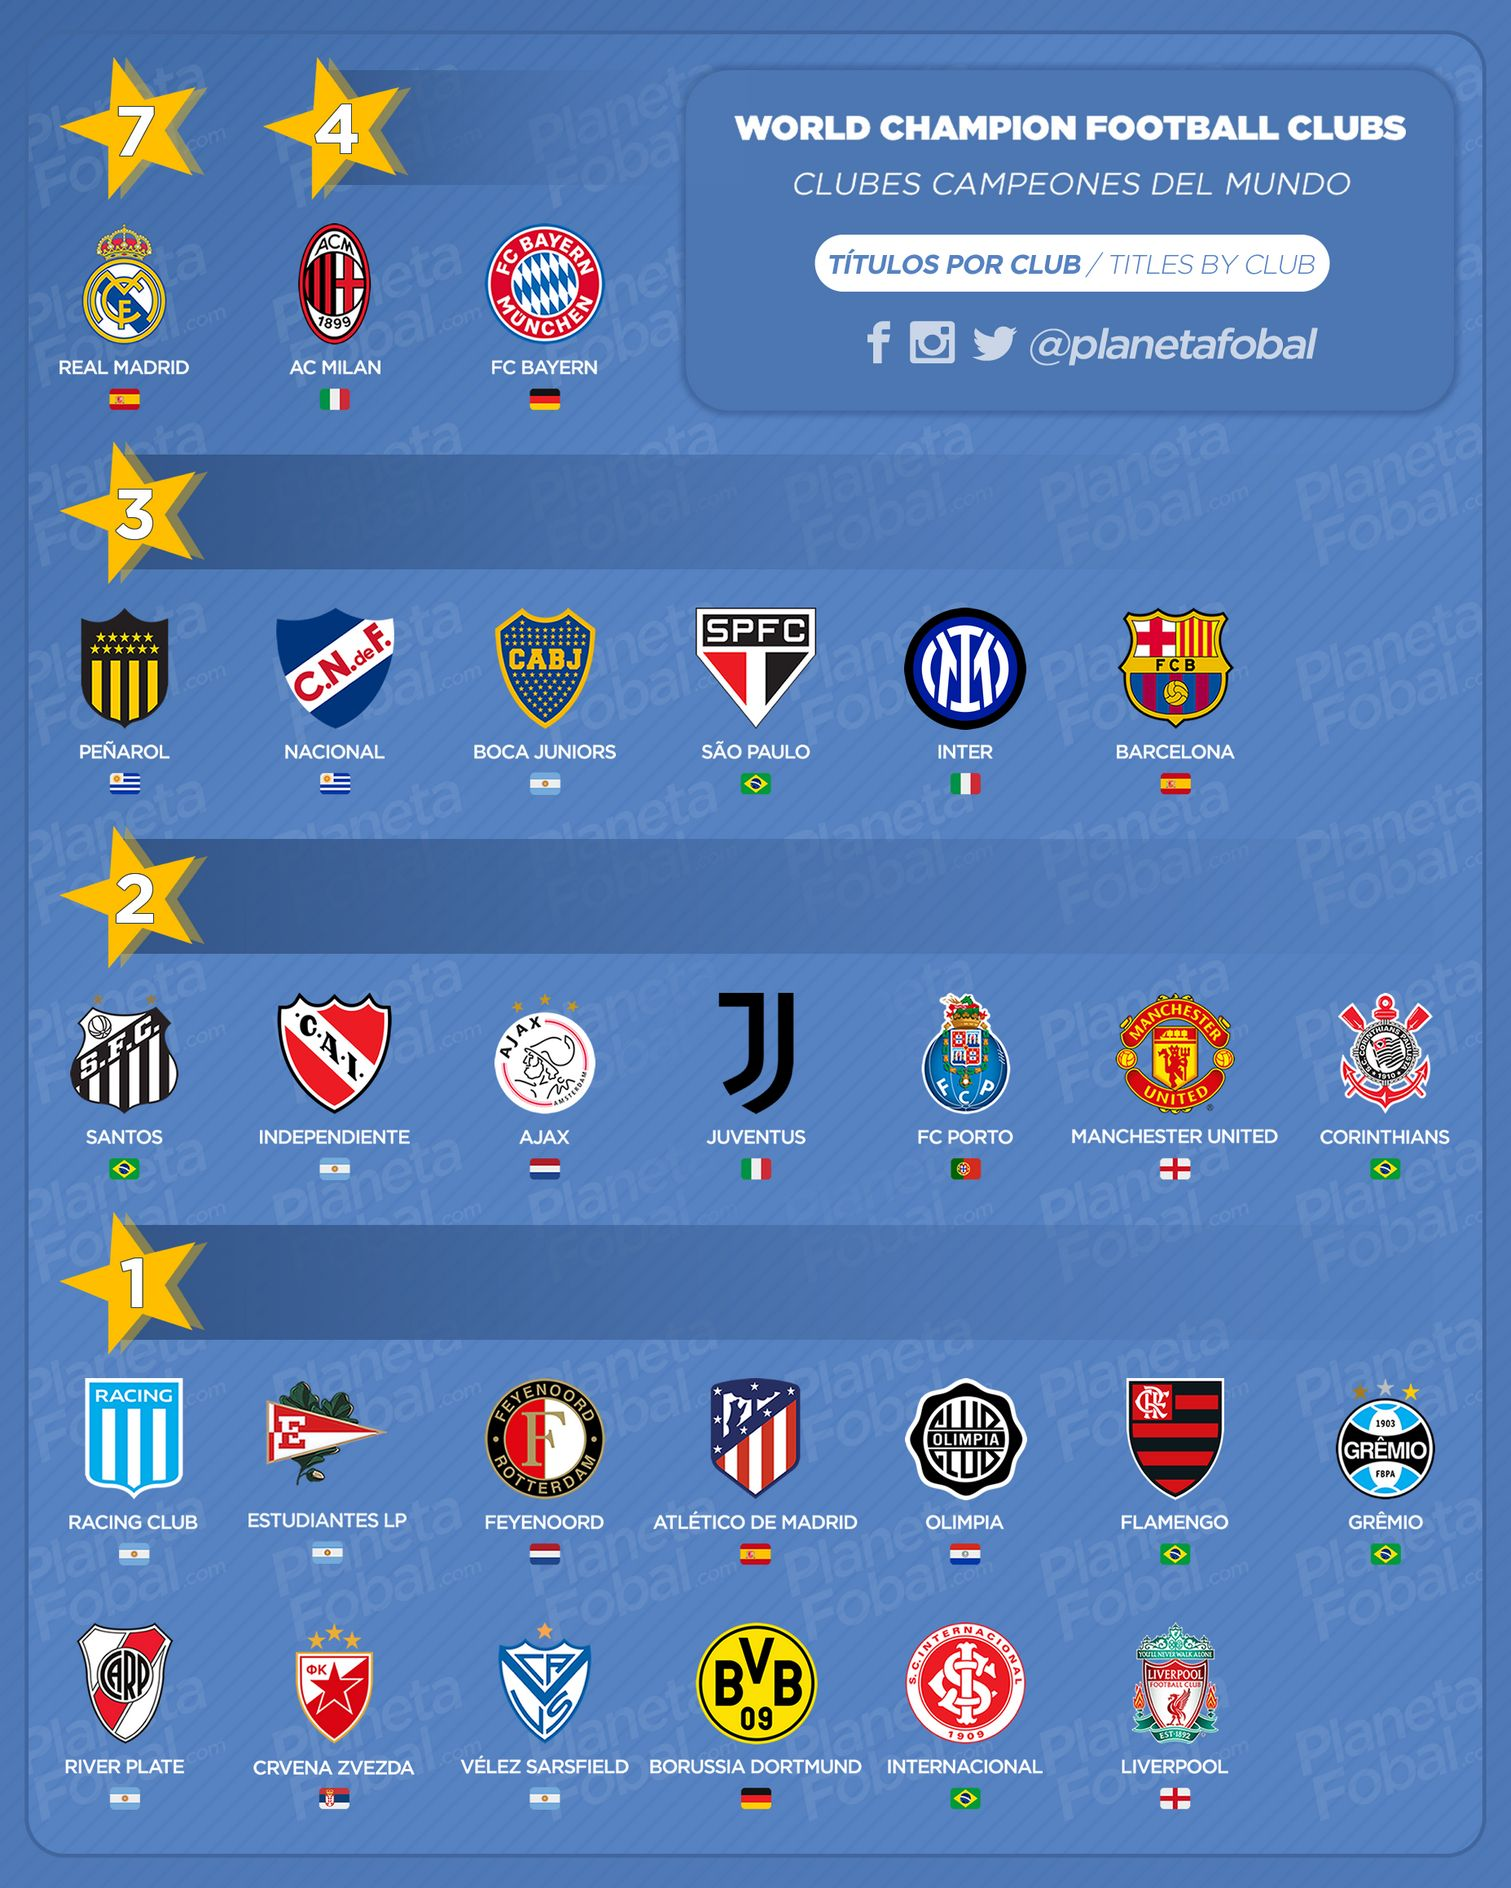 """Clubes """"Campeones del mundo"""" 1960 → 2020 (Títulos por club)"""